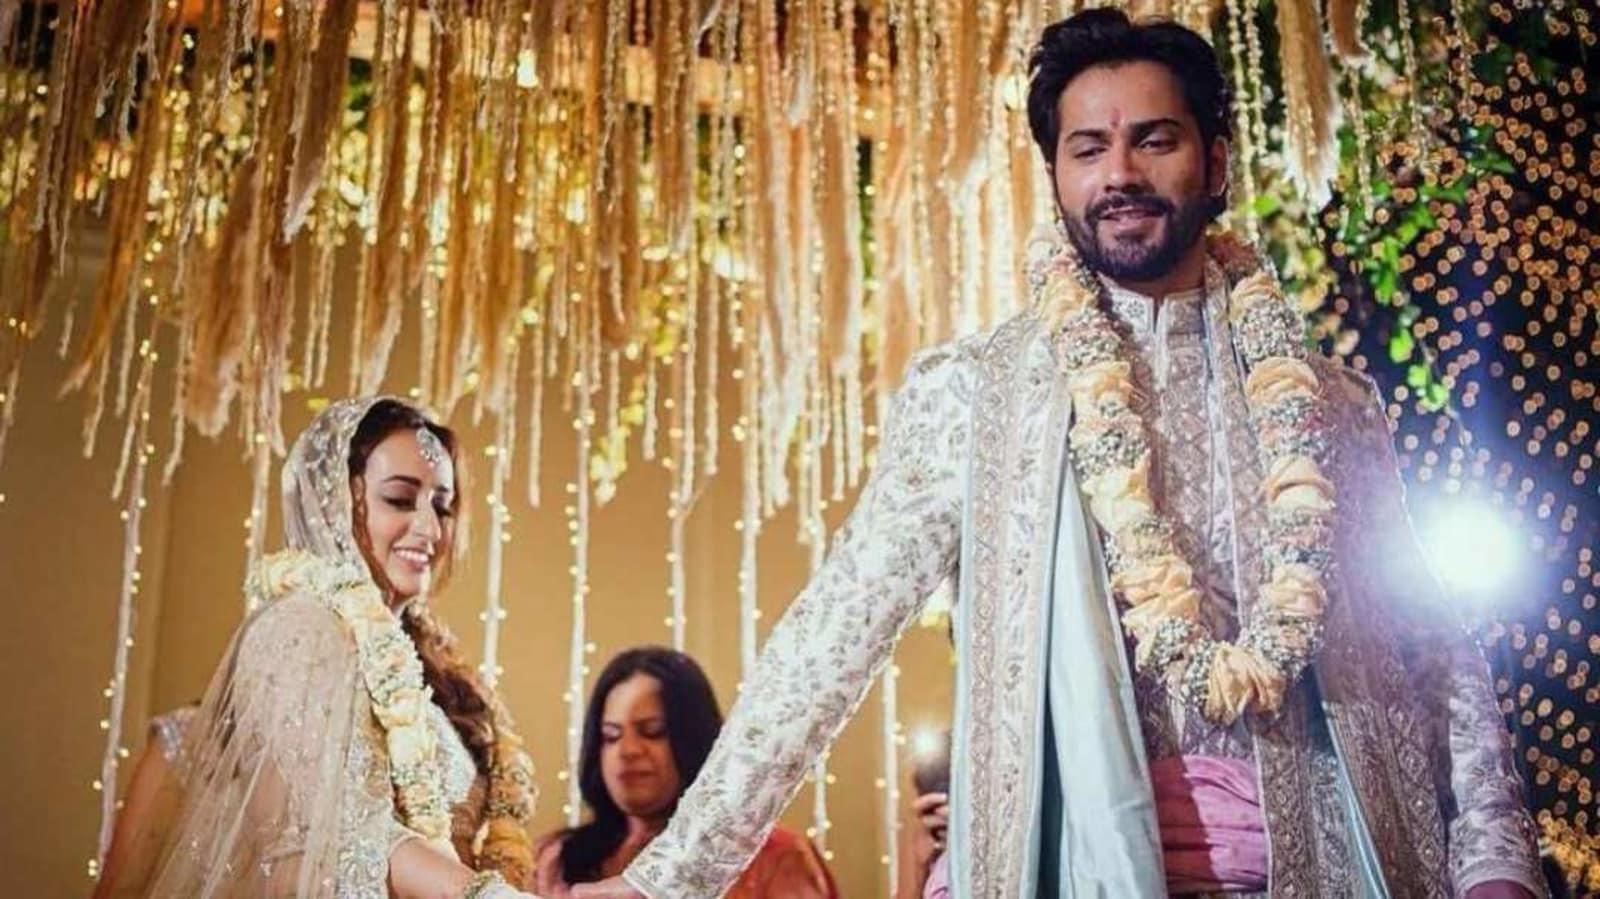 Varun Dhawan-Natasha Dalal wedding: Actor shares pics, says life long love just became official | Hindustan Times